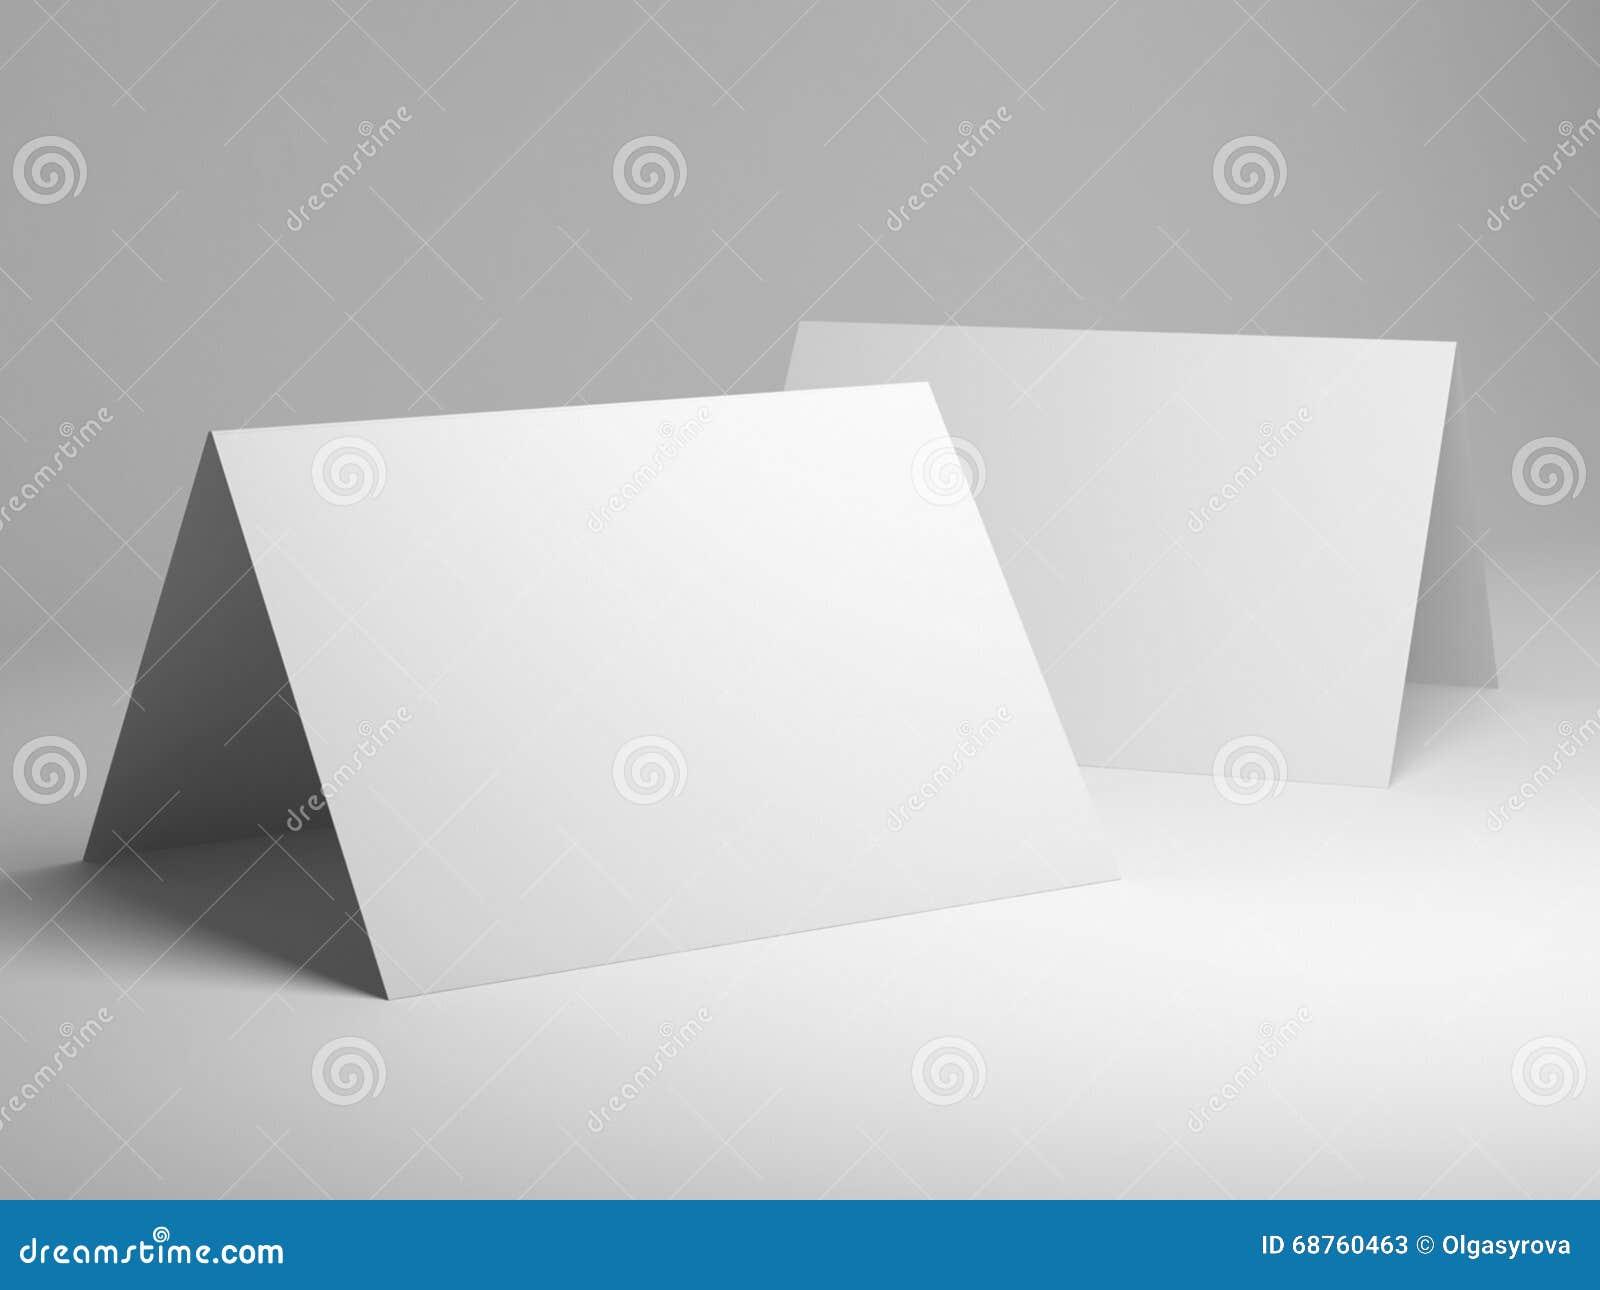 blank template of folded postcard stock illustration. Black Bedroom Furniture Sets. Home Design Ideas